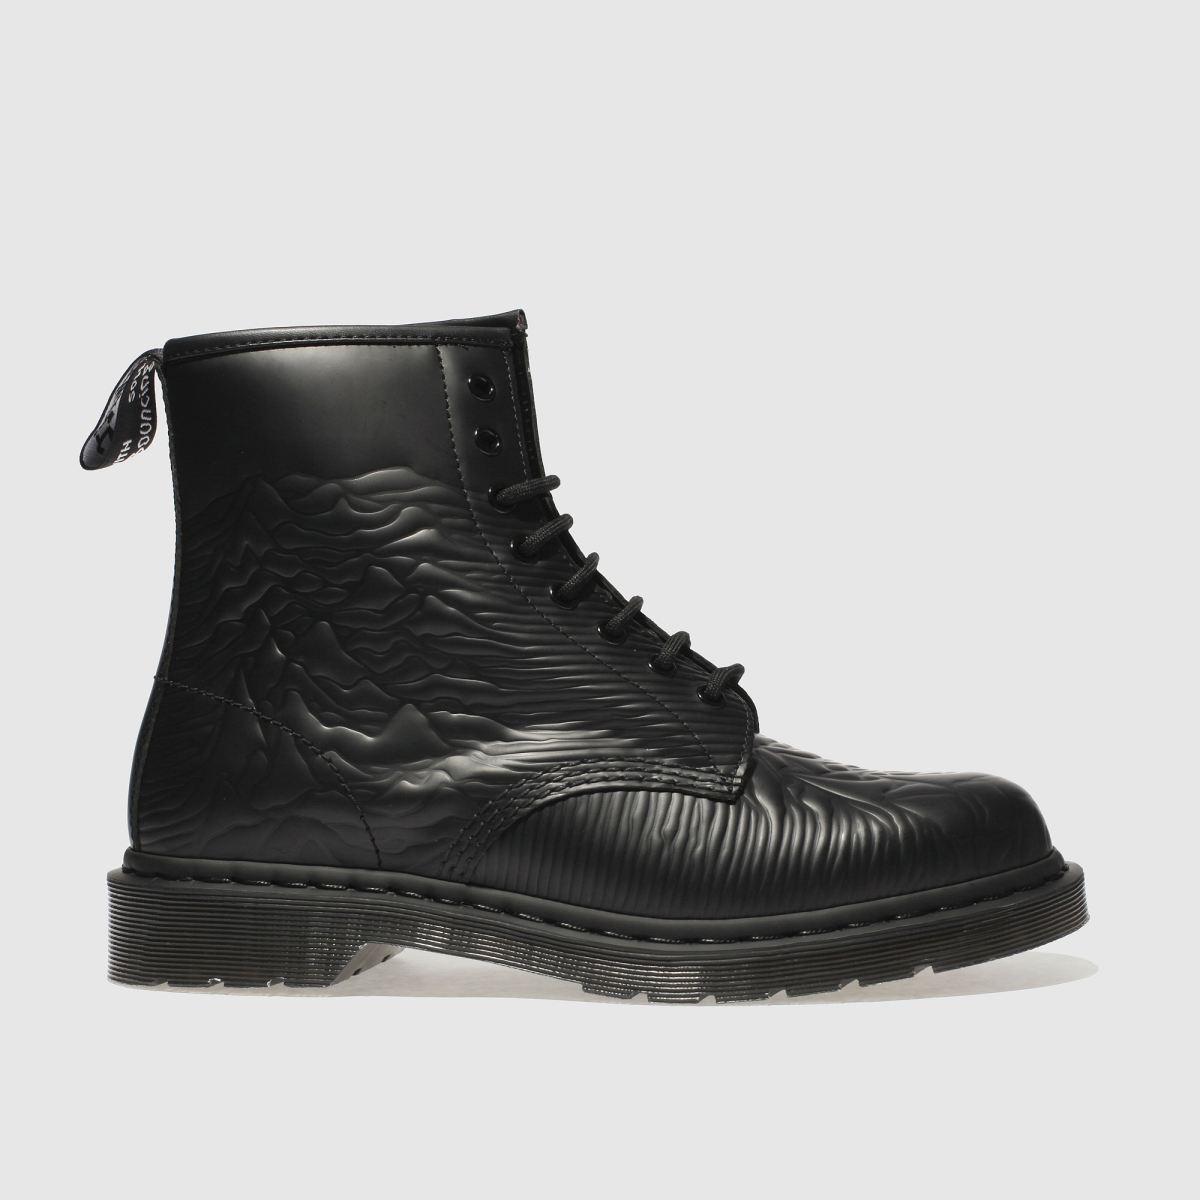 Dr Martens Black 1460 Unknown Pleasures Boots